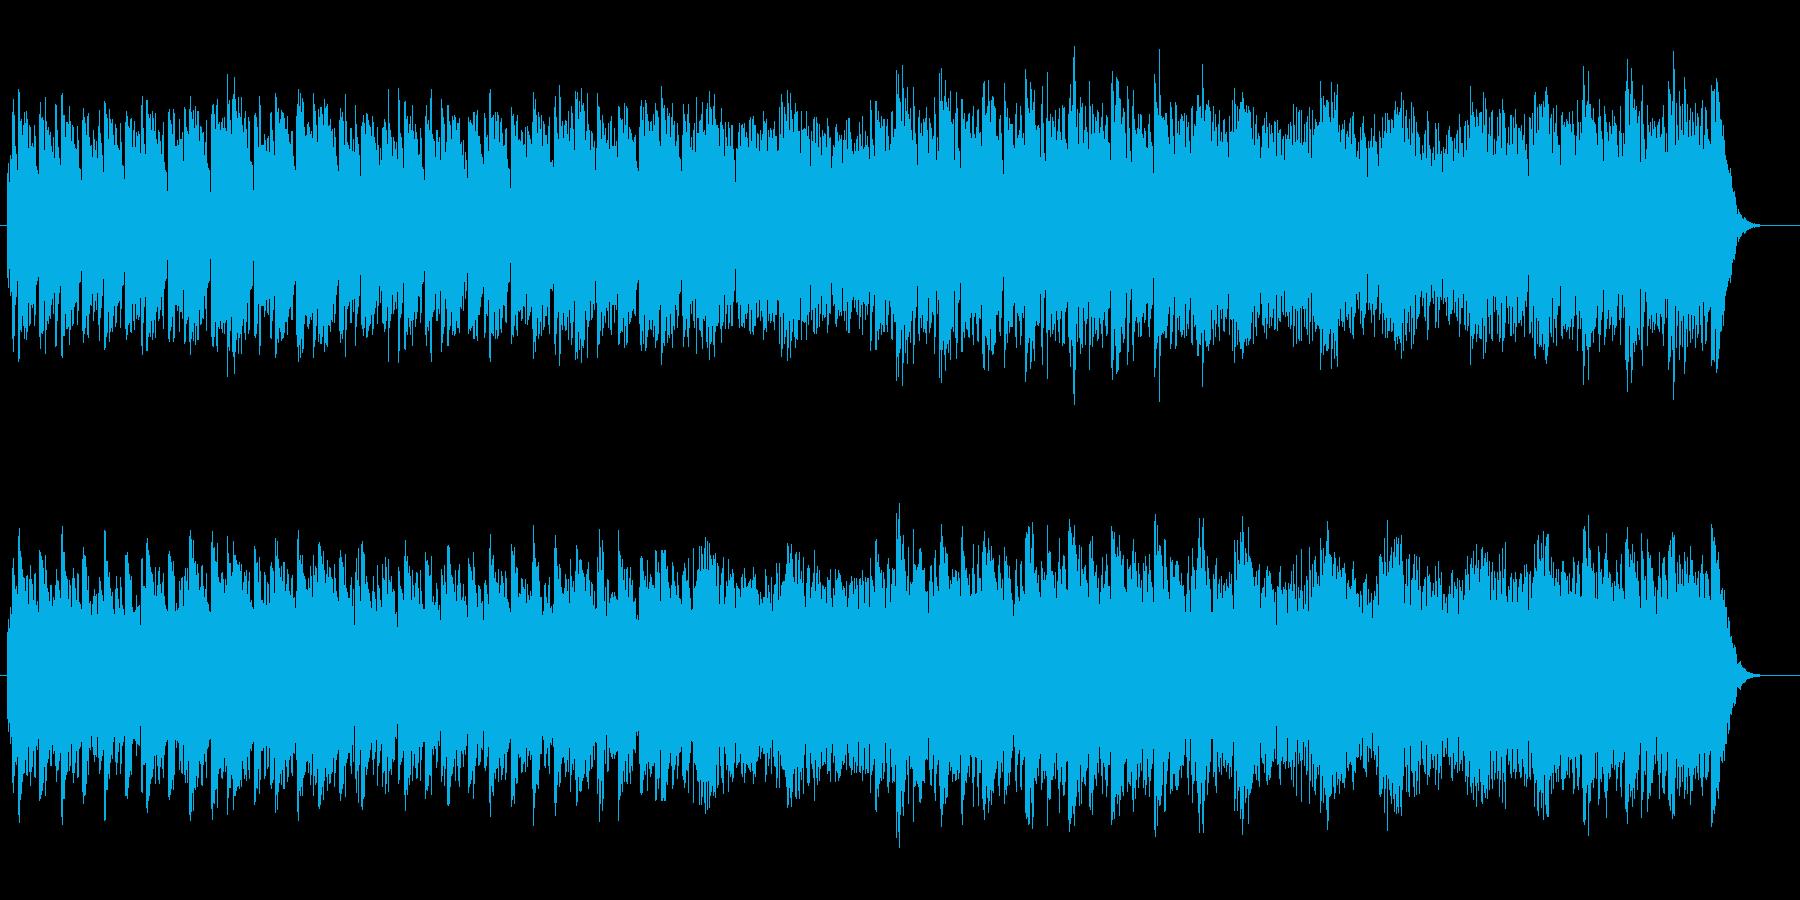 シンプルで神秘的なスピリチュアルサウンドの再生済みの波形